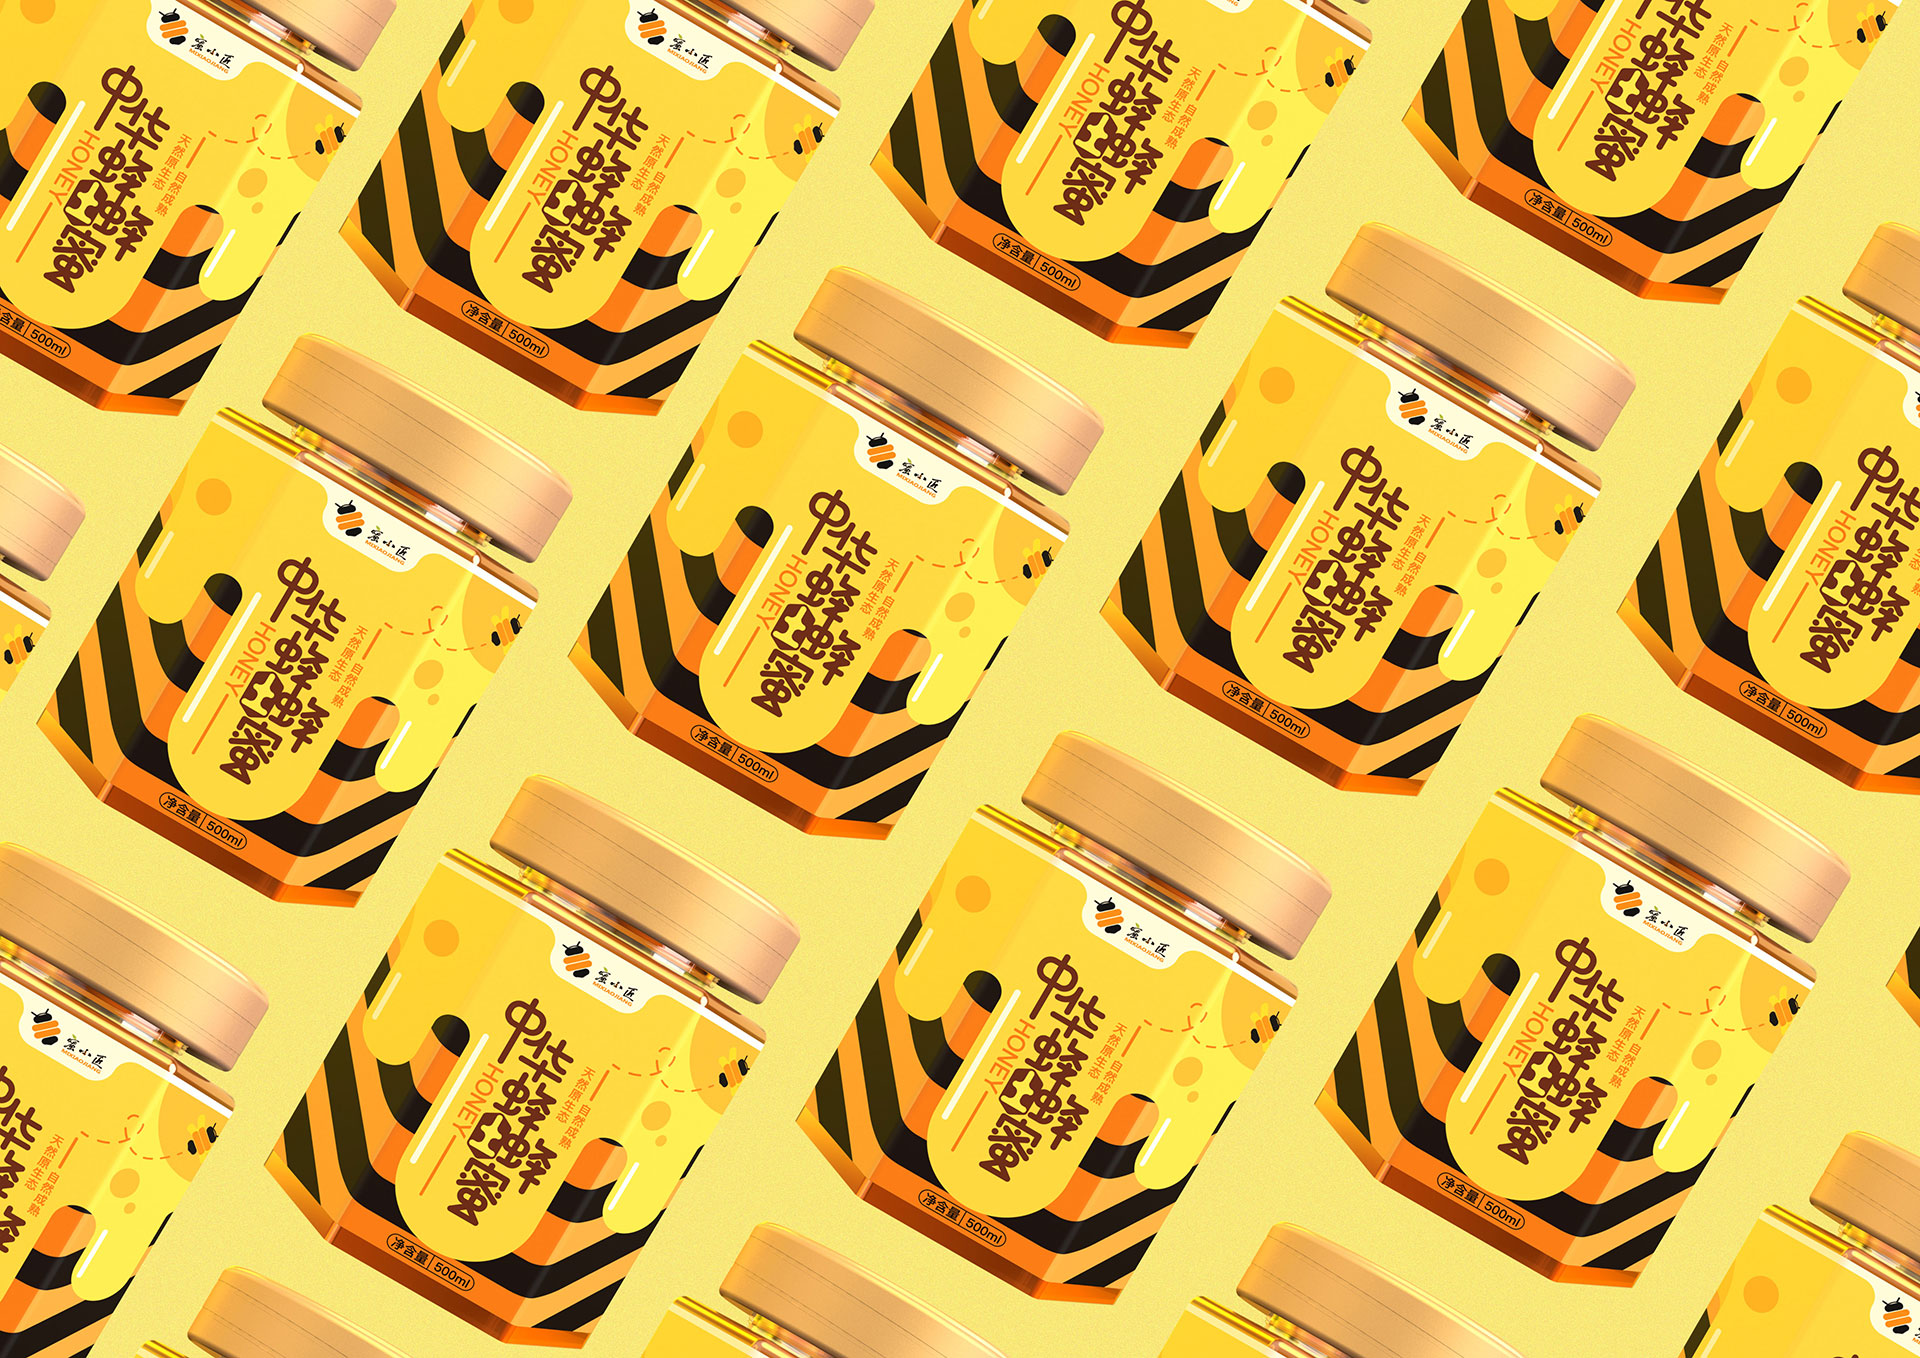 蜜小匠蜂蜜包装设计